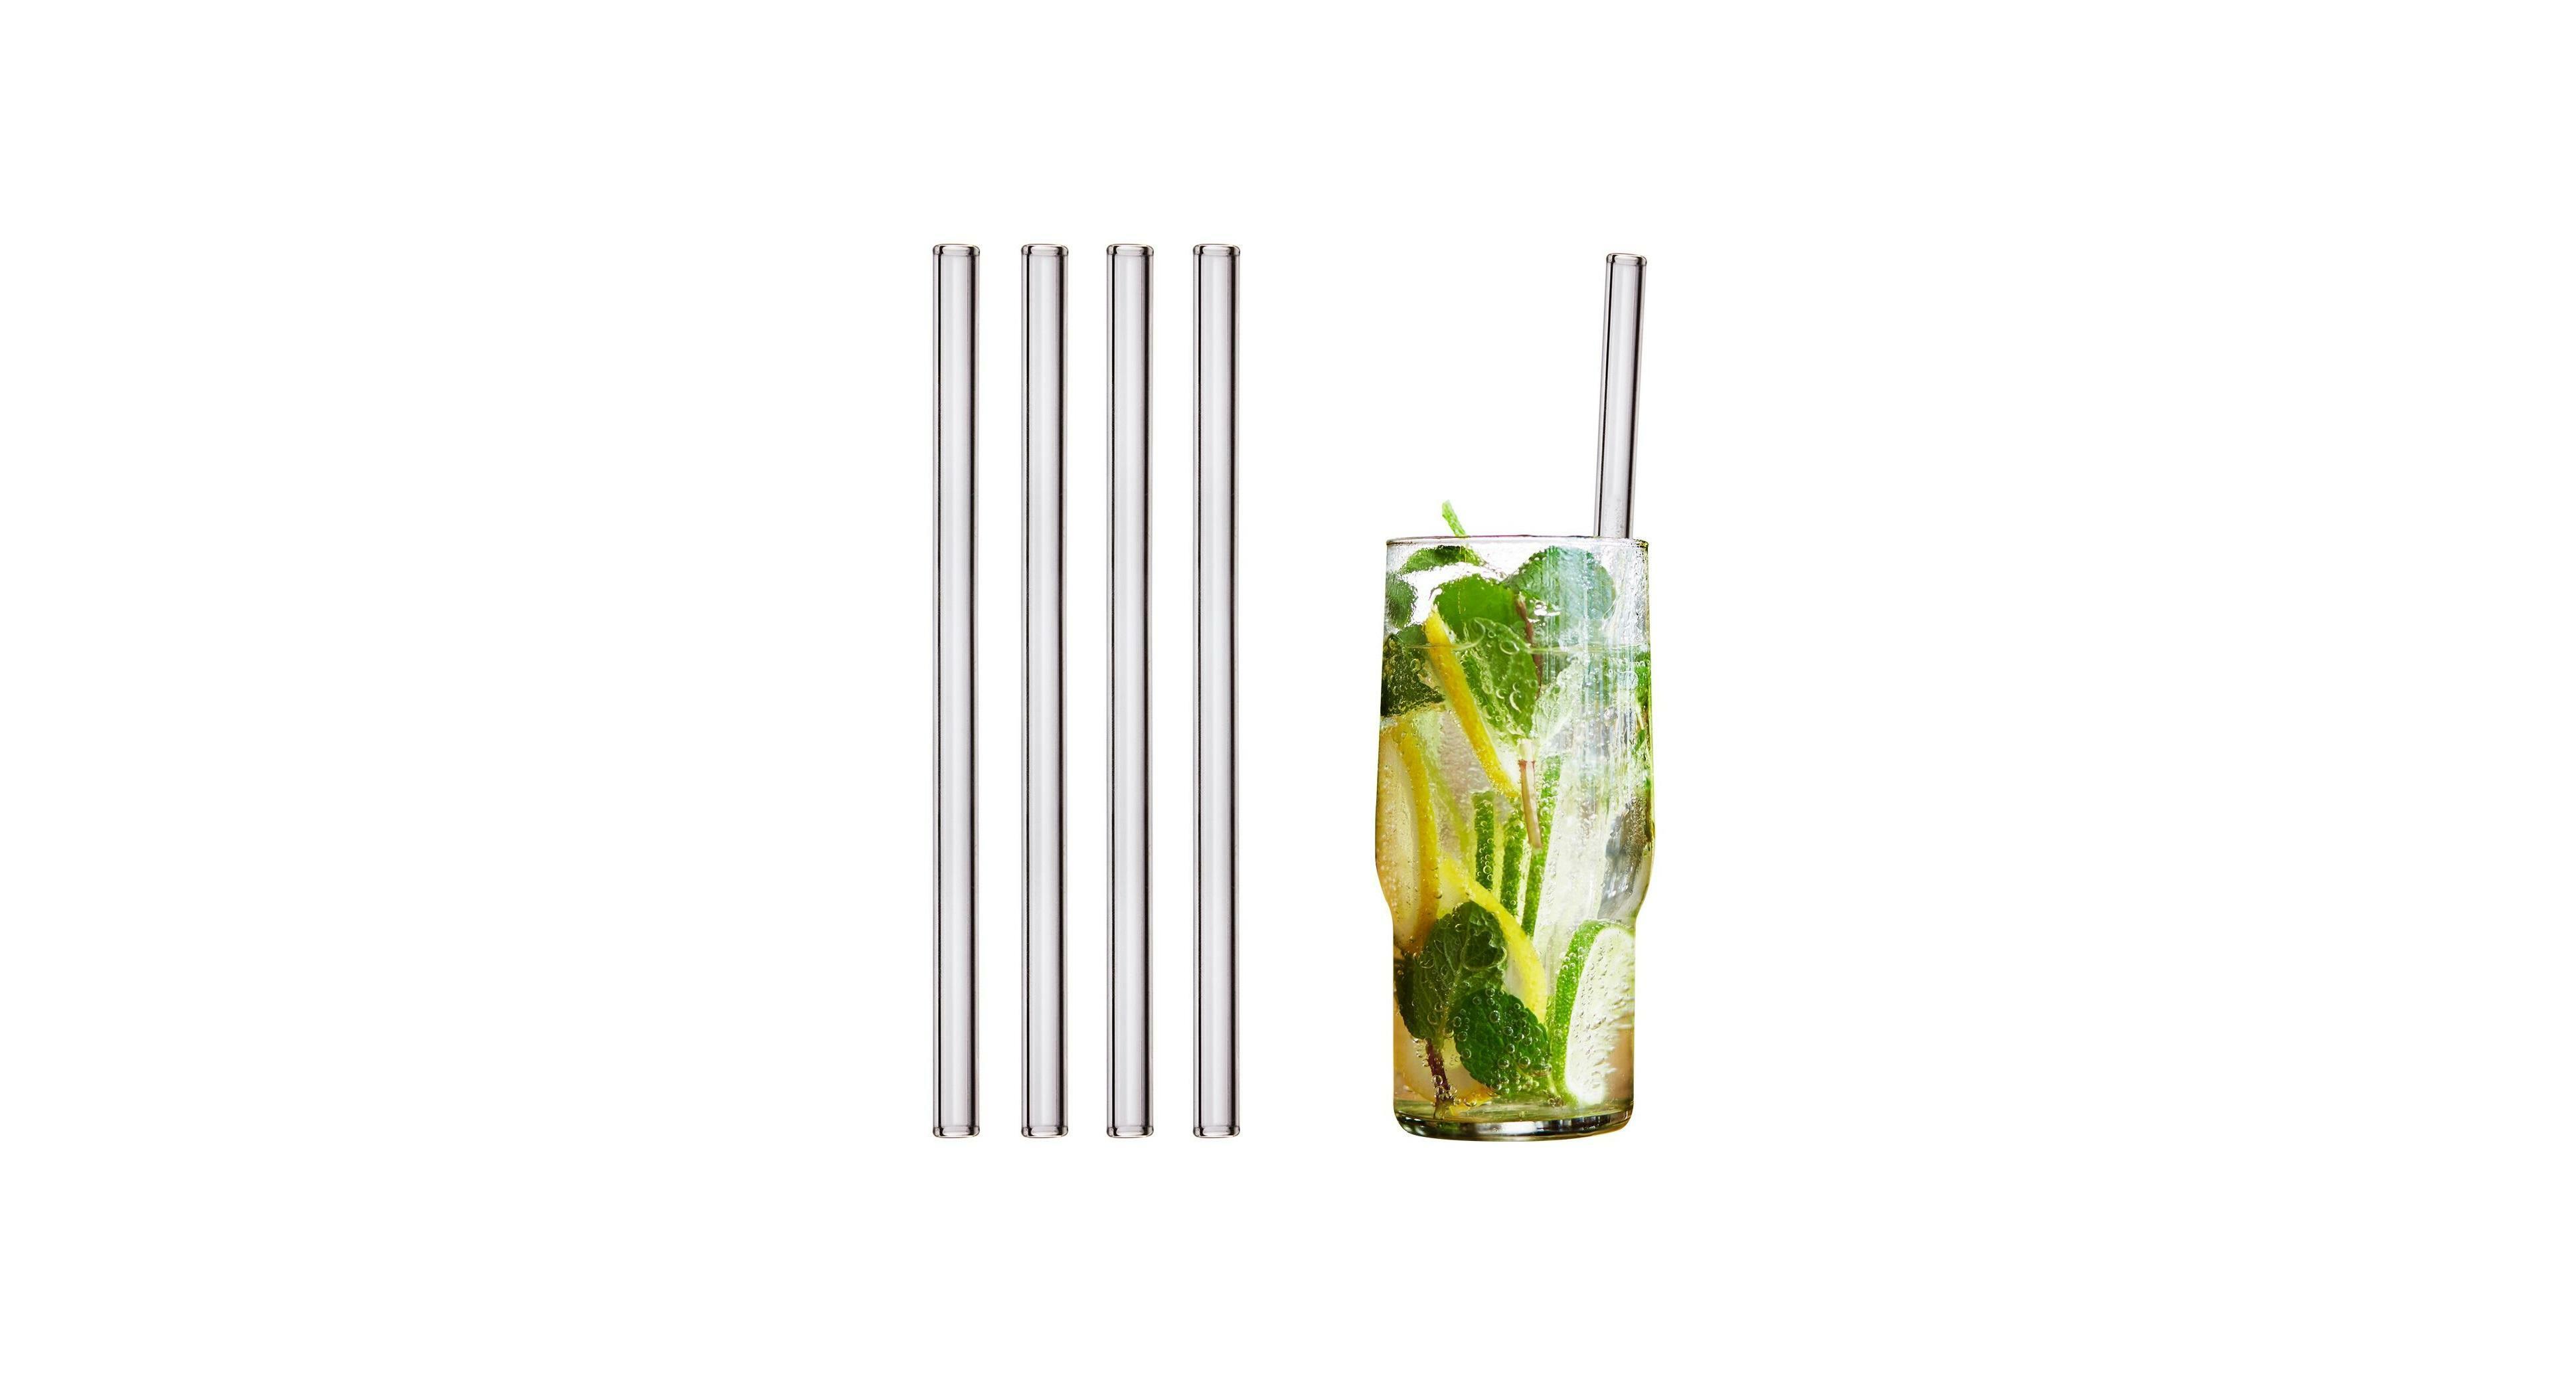 Statt Plastik: Trinkhalme aus Glas sind gefragt